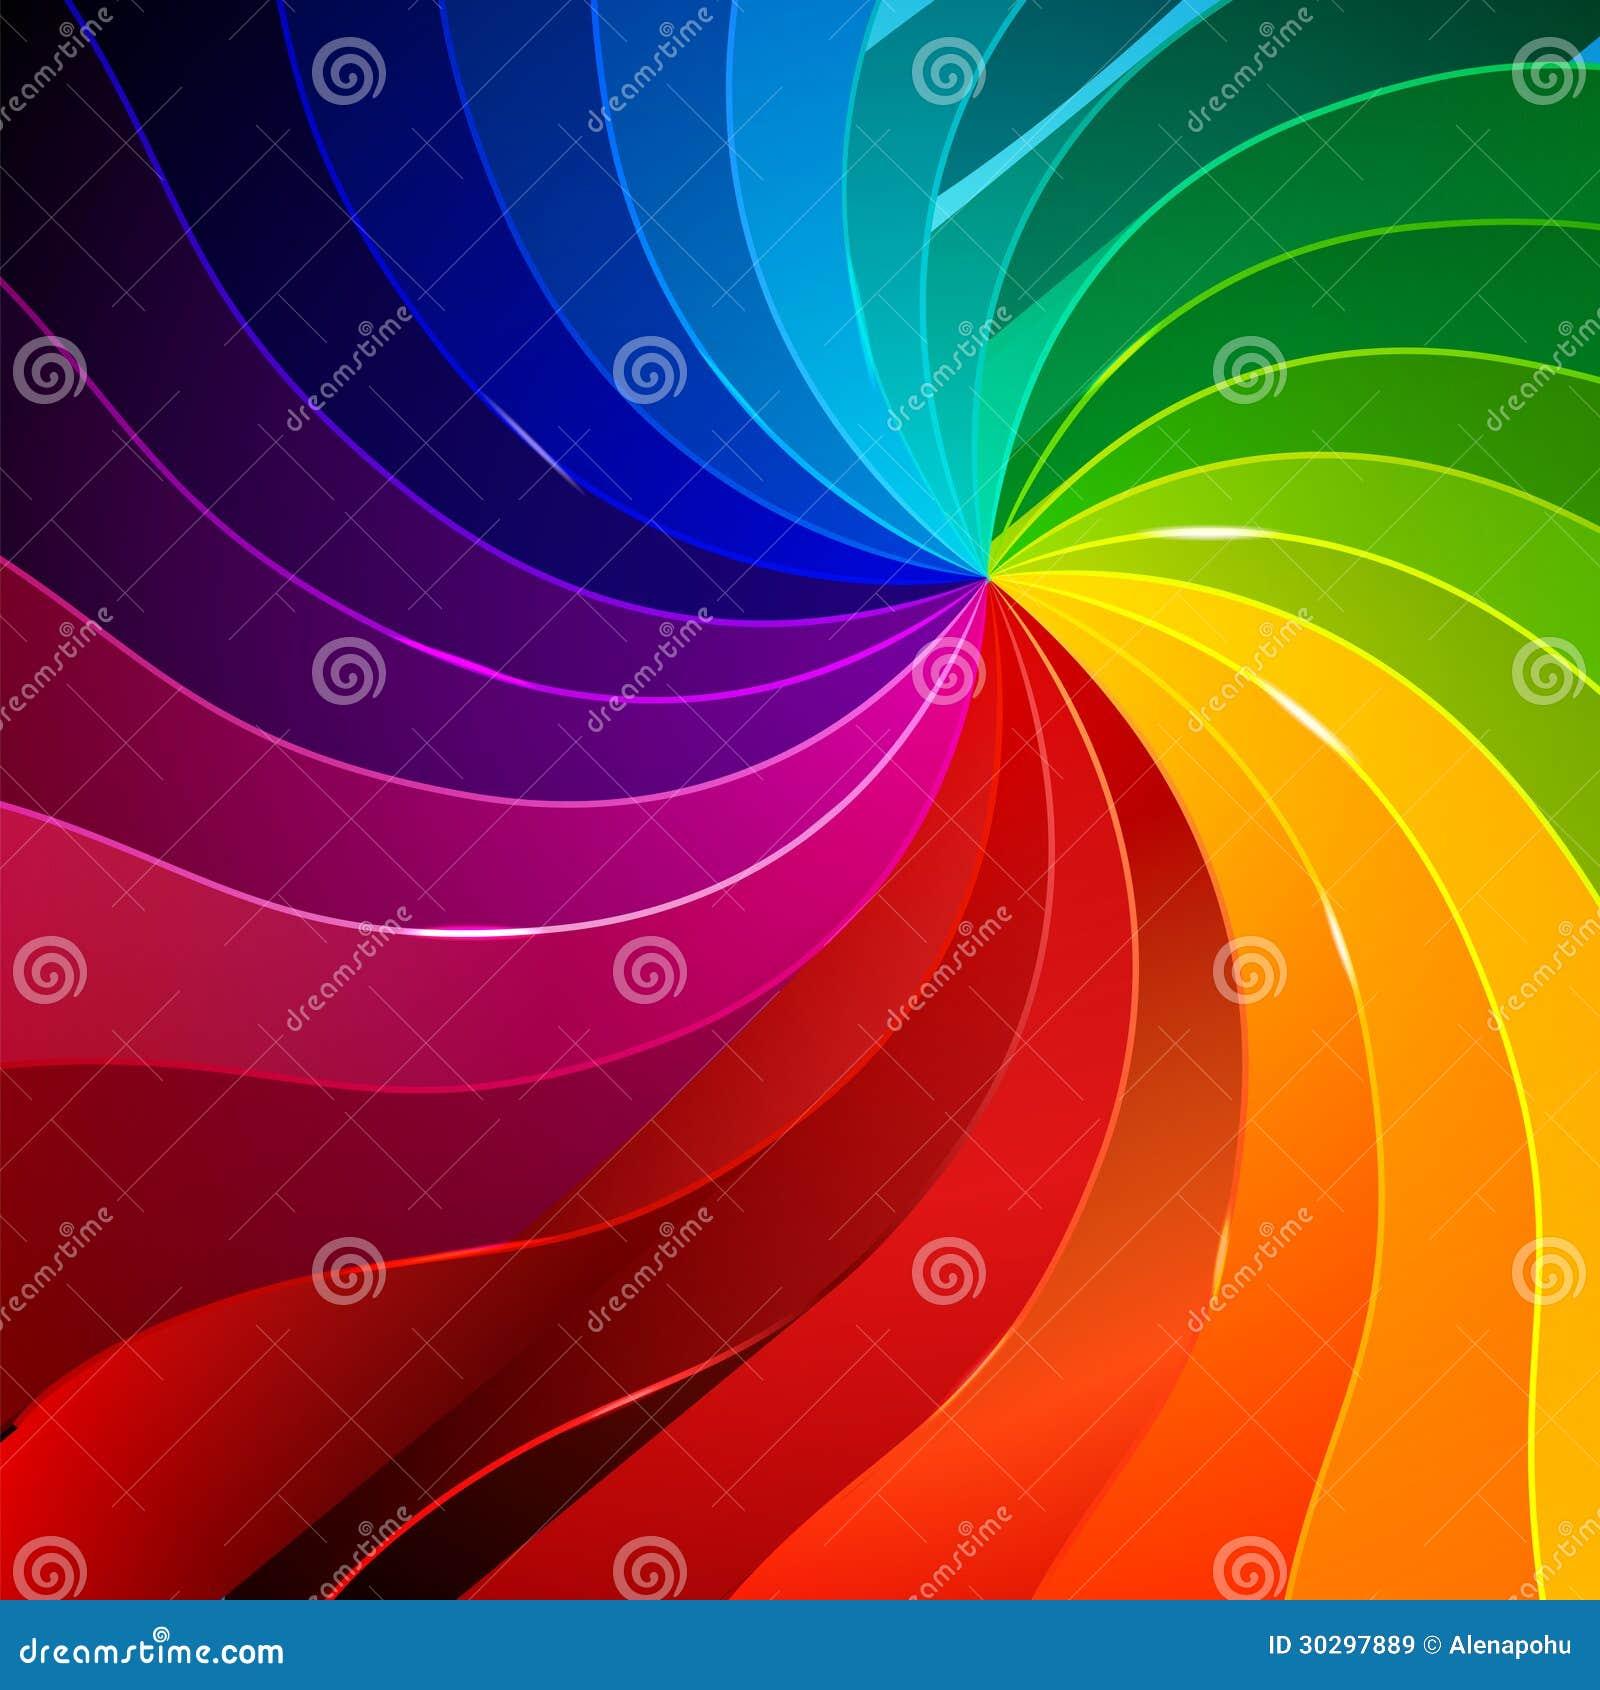 El Fondo Colorido Con El Libro Pagina El Arco Iris Ilustración del ...